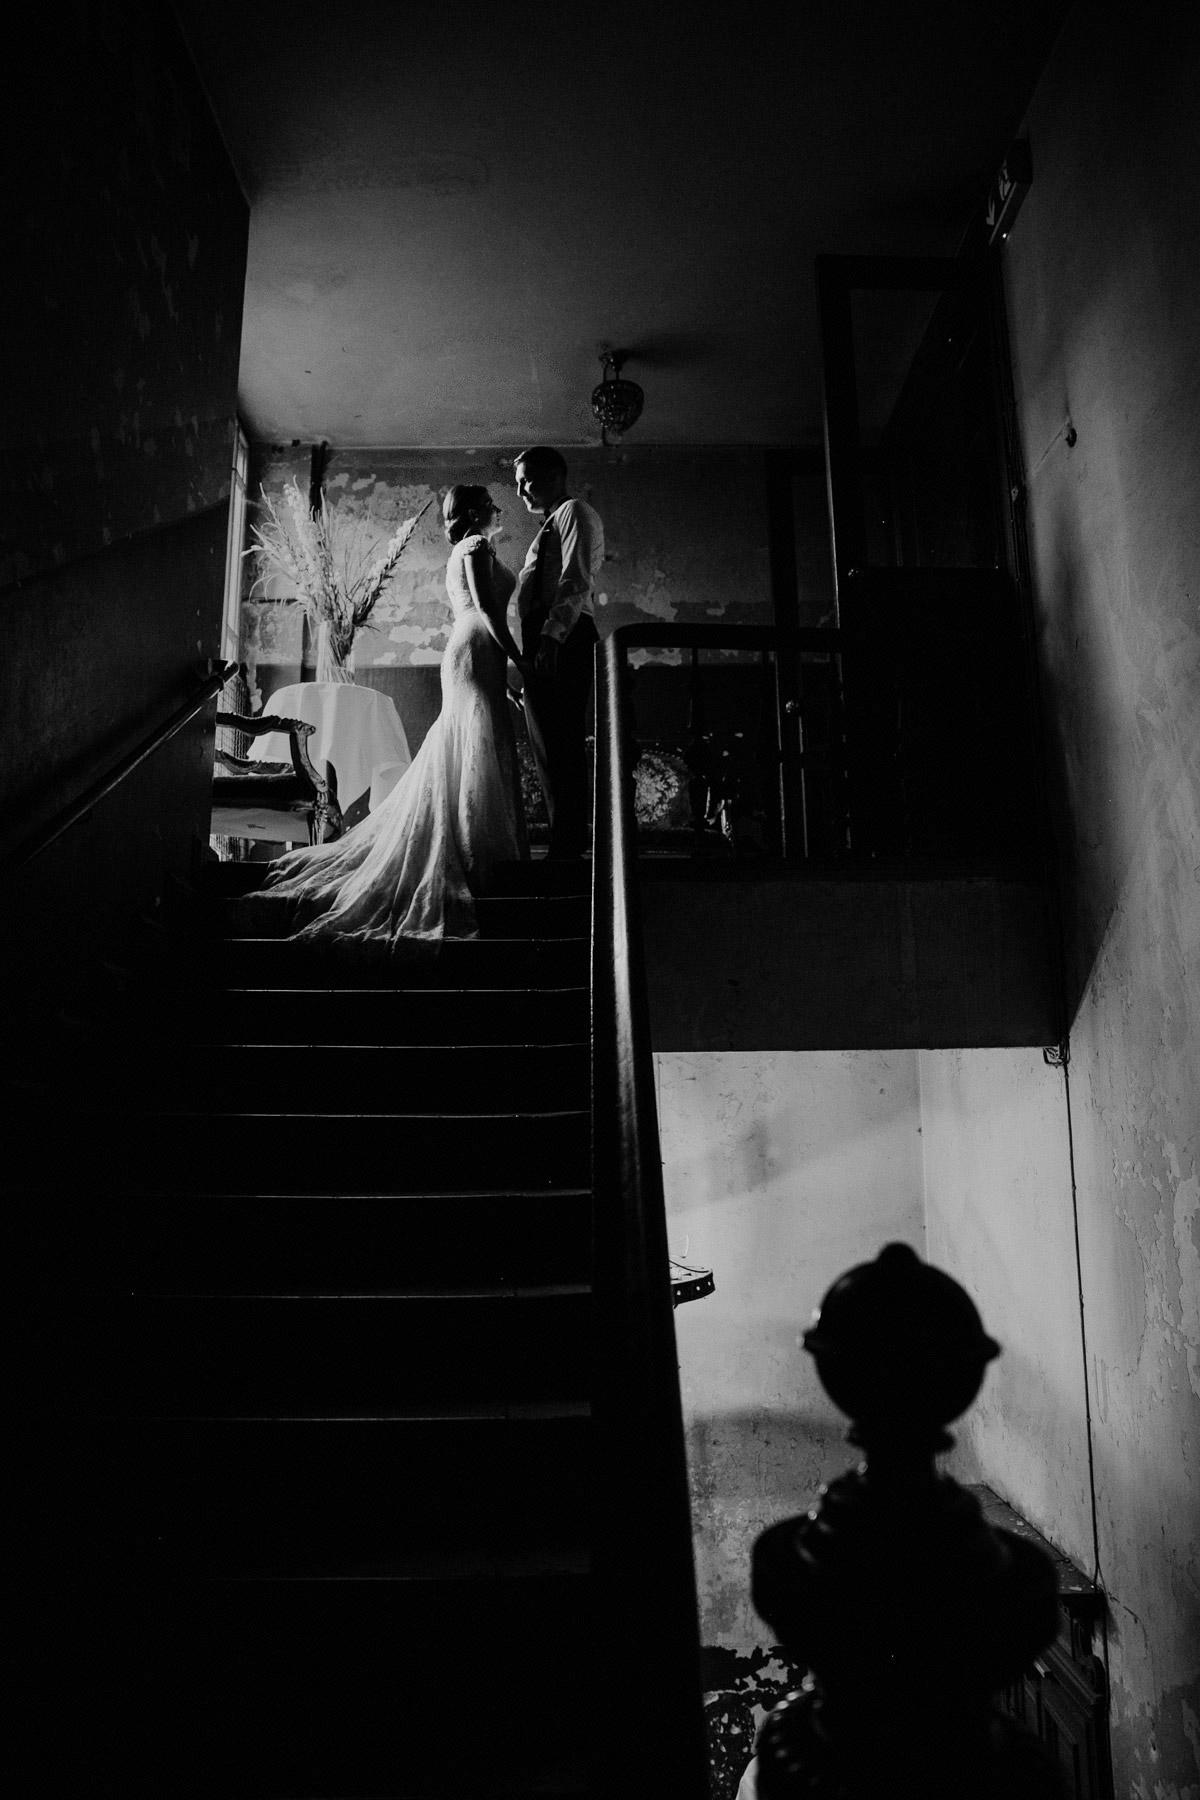 Brautpaar Silhouette, Hochzeitsfoto moody, Hochzeitsbild dunkel, Brautpaarshooting Ideen Hochzeitsfotos Hochzeitspaar Silhouette Fotos von Hochzeitsfotograf Berlin © www.hochzeitslicht.de #hochzeitslicht #Brautpaarshooting #Hochzeitsshooting